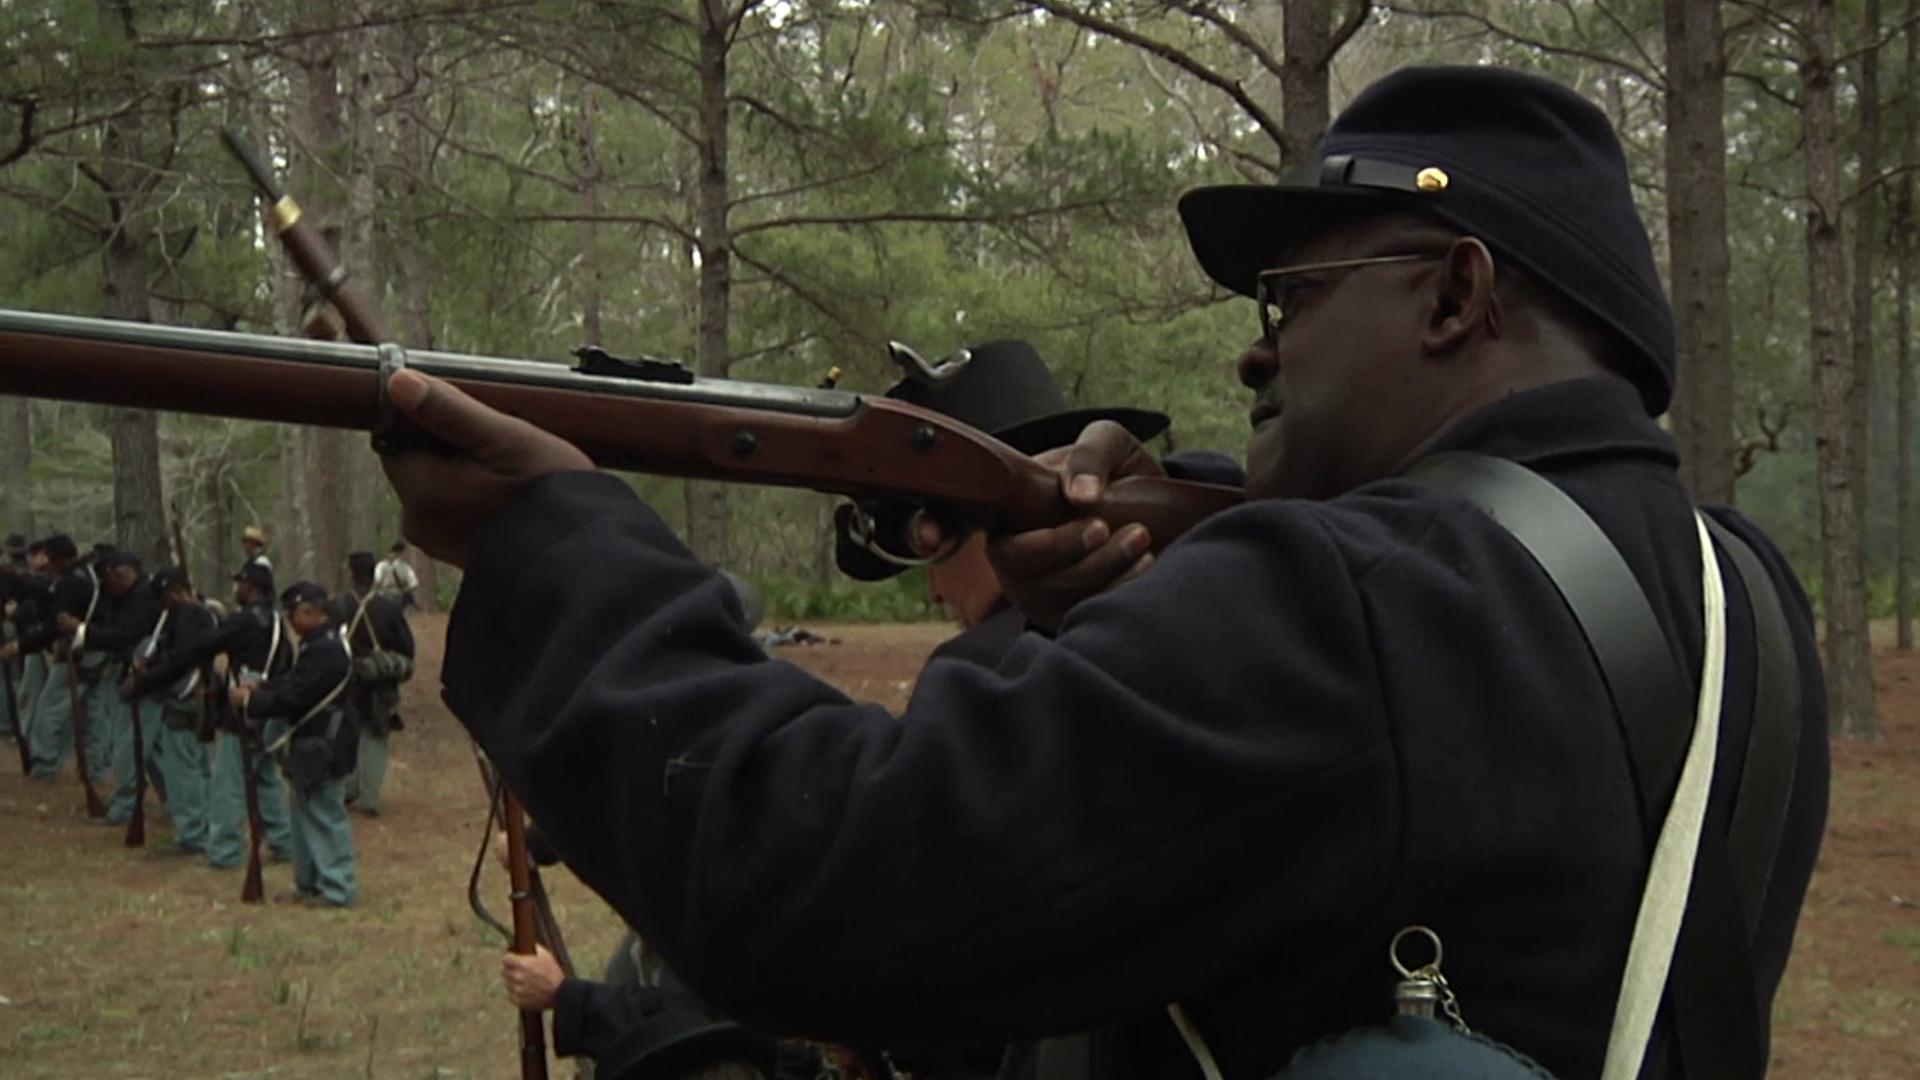 Reenacting History at the Battle of Natural Bridge